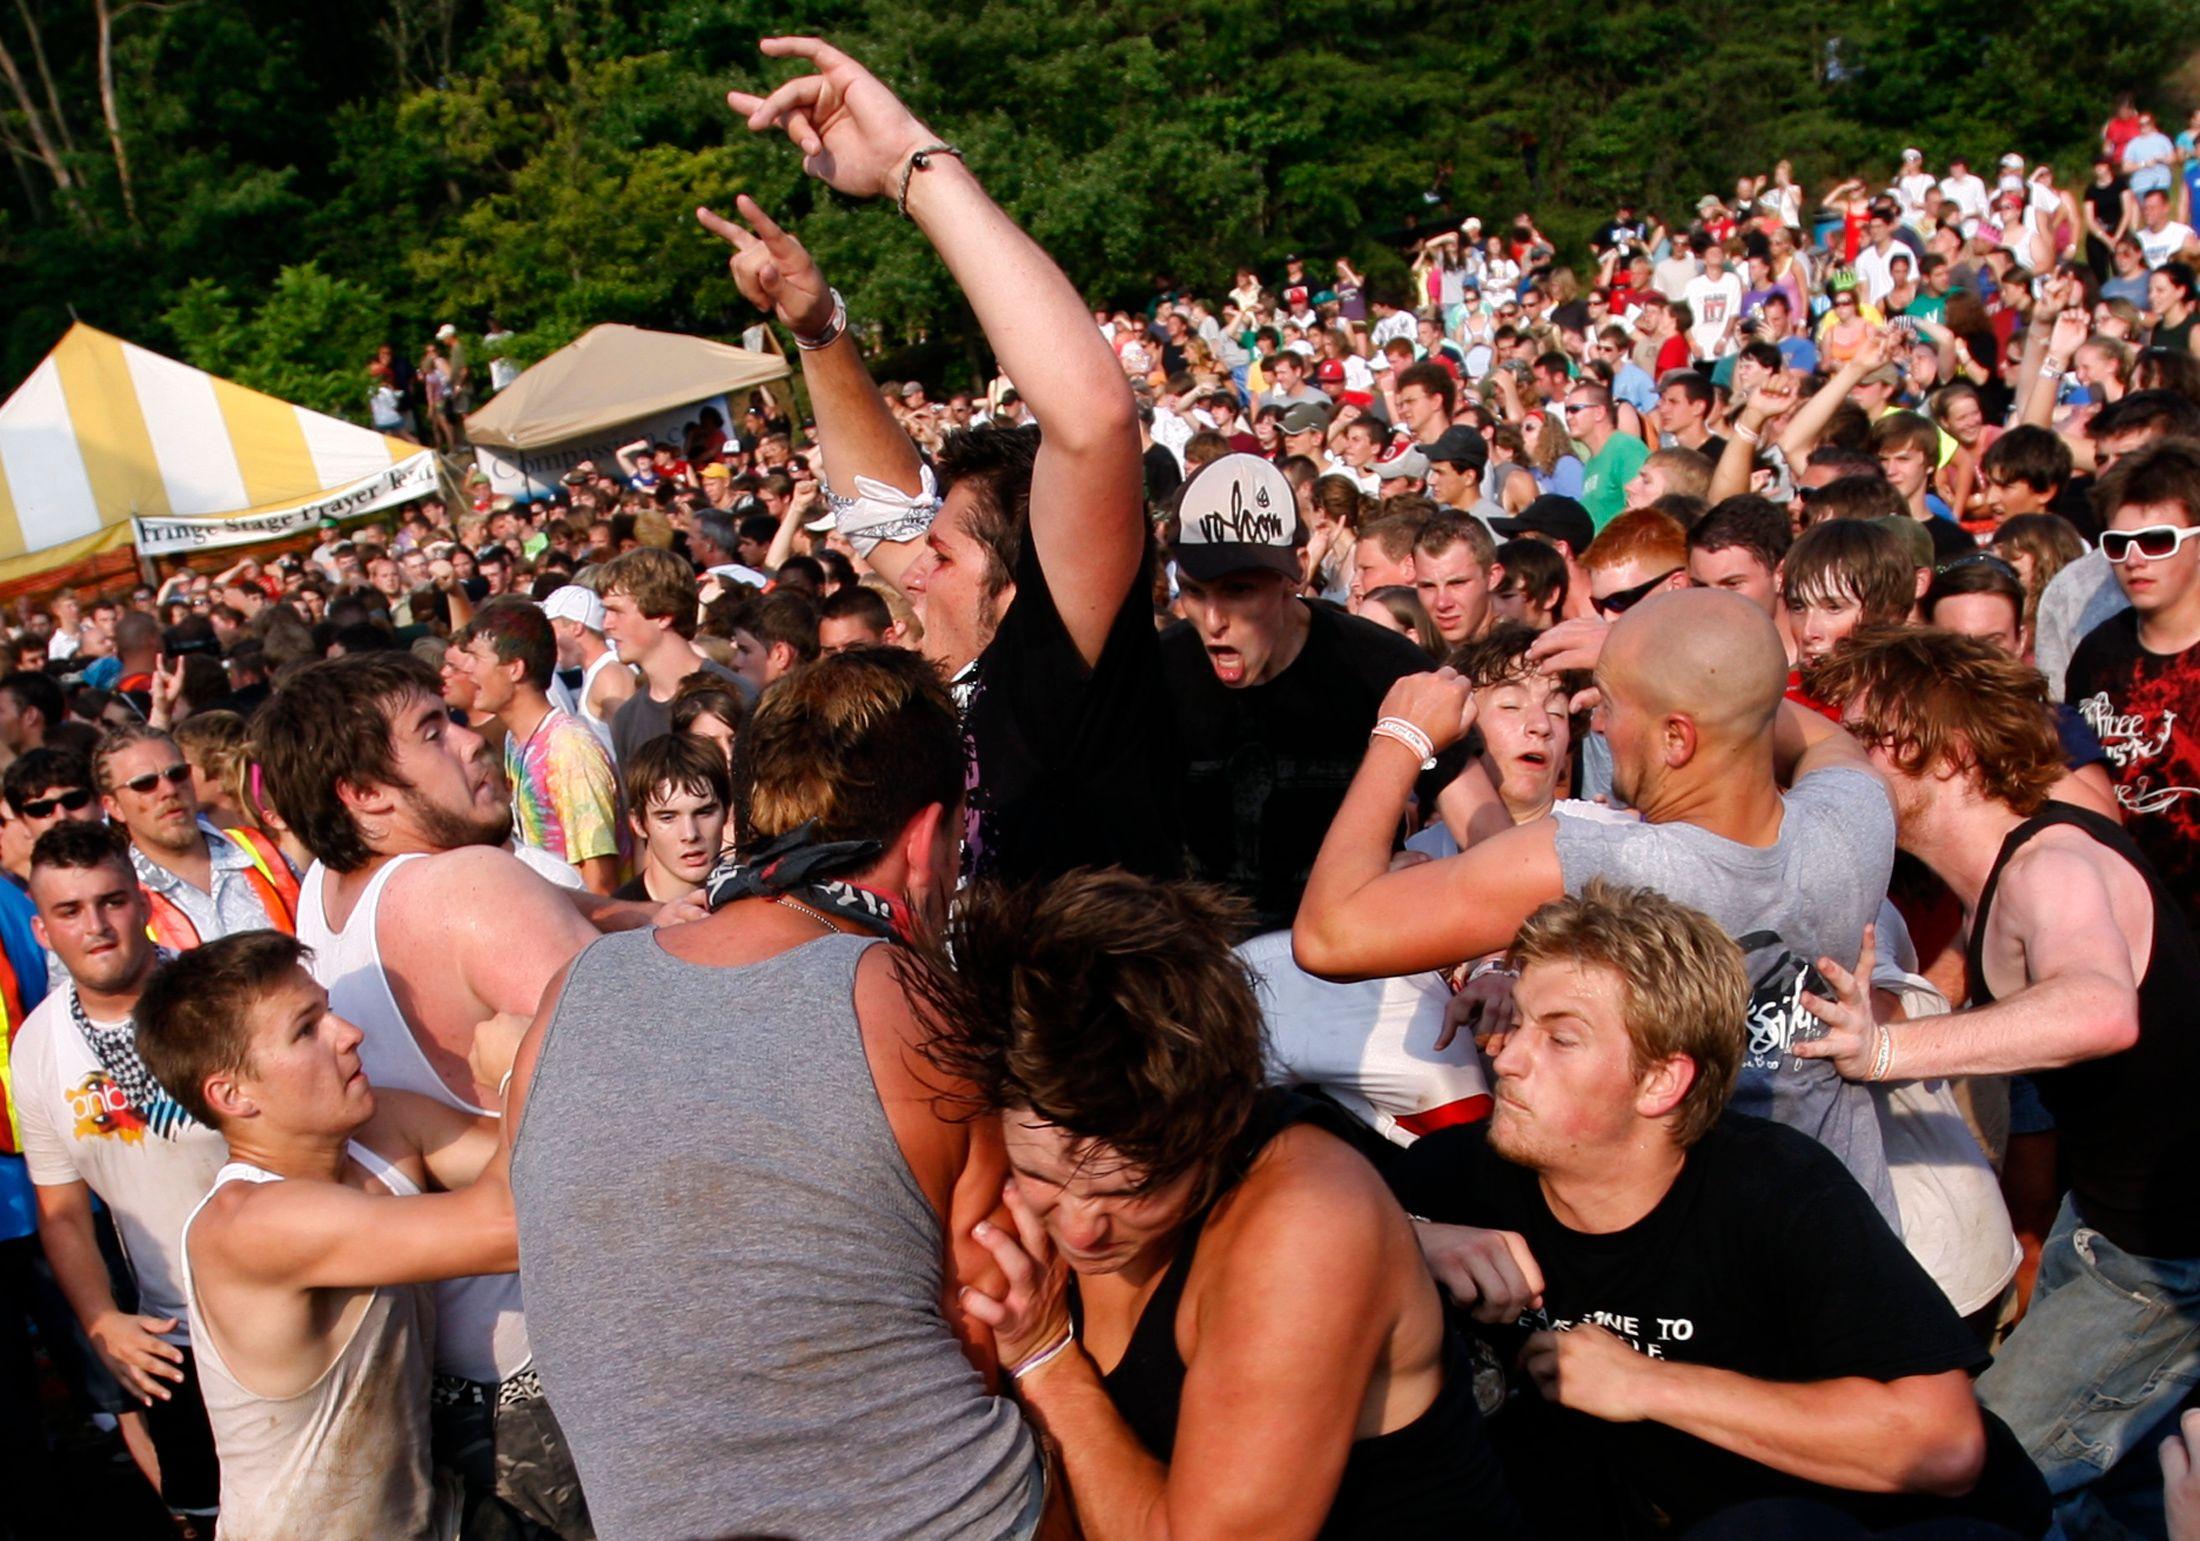 N'importe quel mouvement de foule est prévisible, même ceux qui semblent les plus chaotiques...